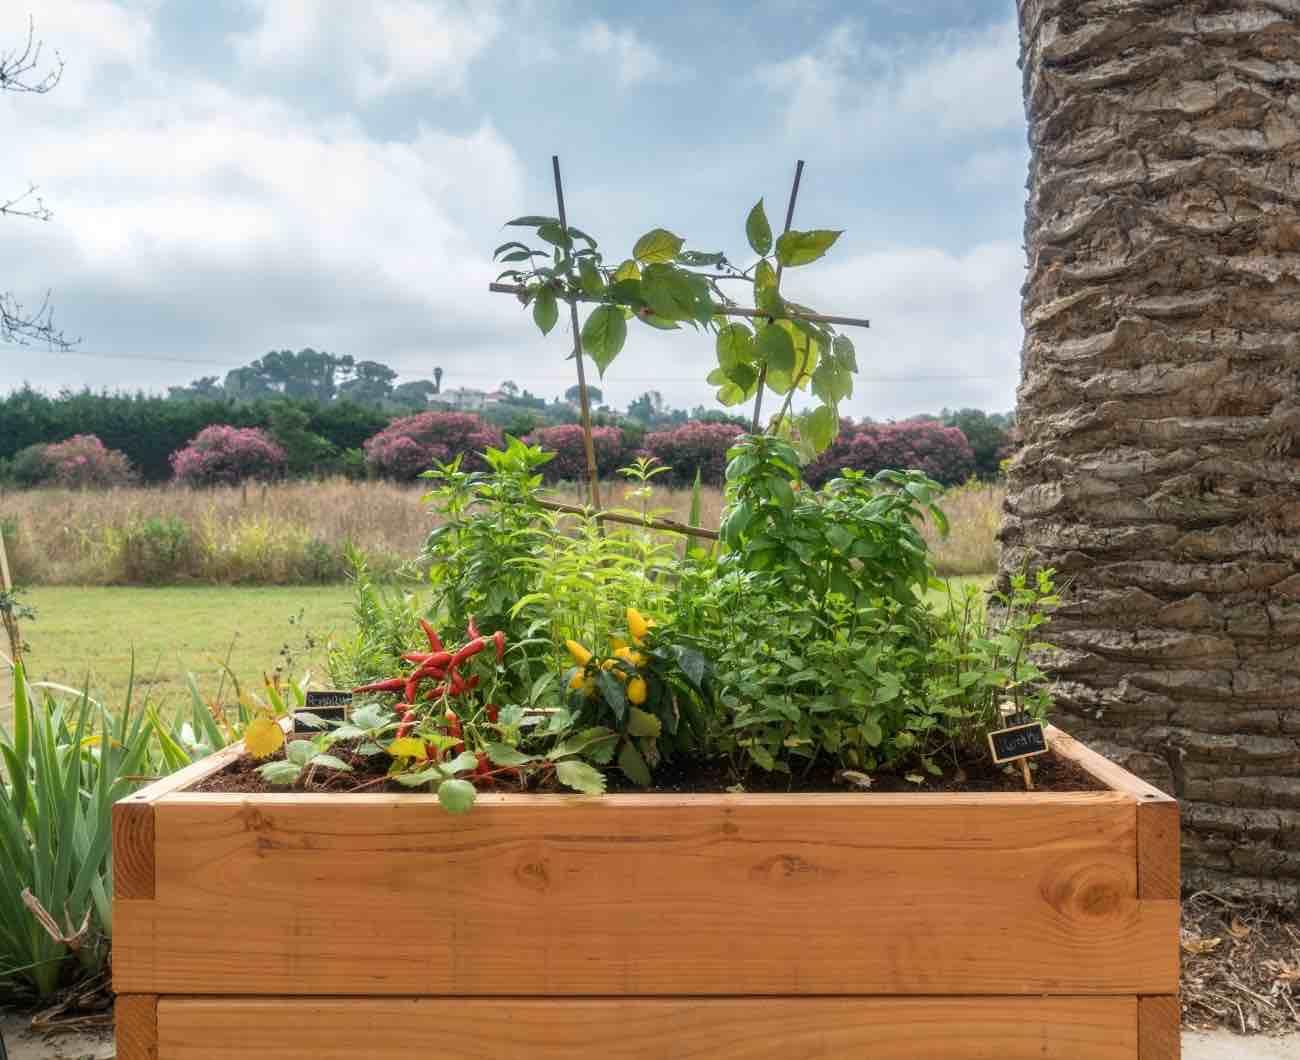 Haut+Potager+Innovative+Kitchen+Garden